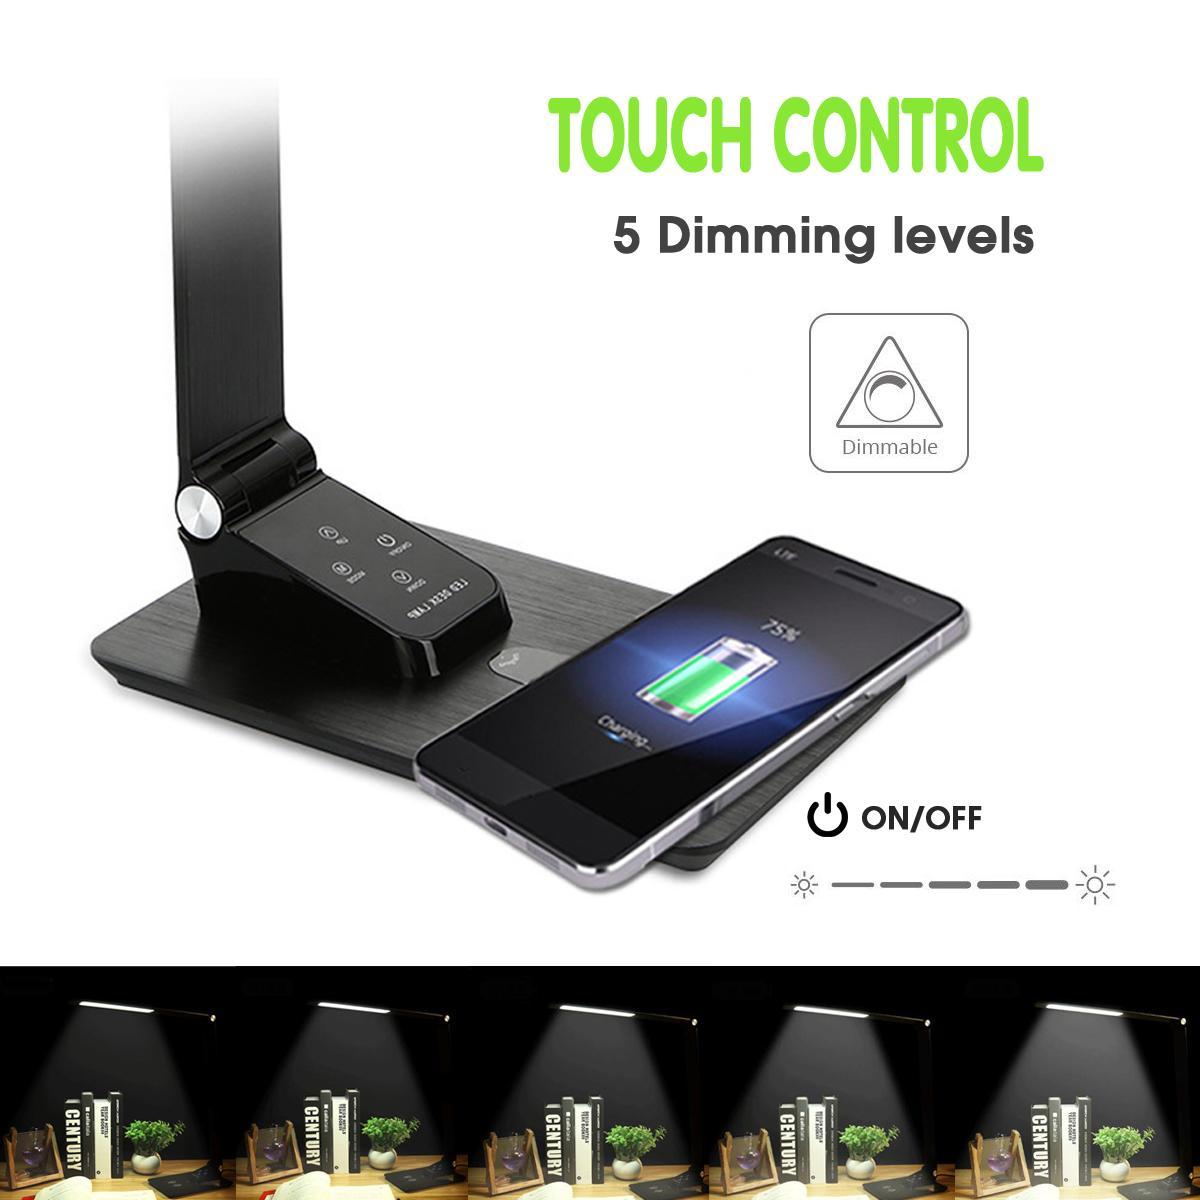 LED pour contrôle tactile pliant Protection des yeux lampe de bureau capteur Table veilleuse avec Qi chargeur de bureau sans fil sortie USB